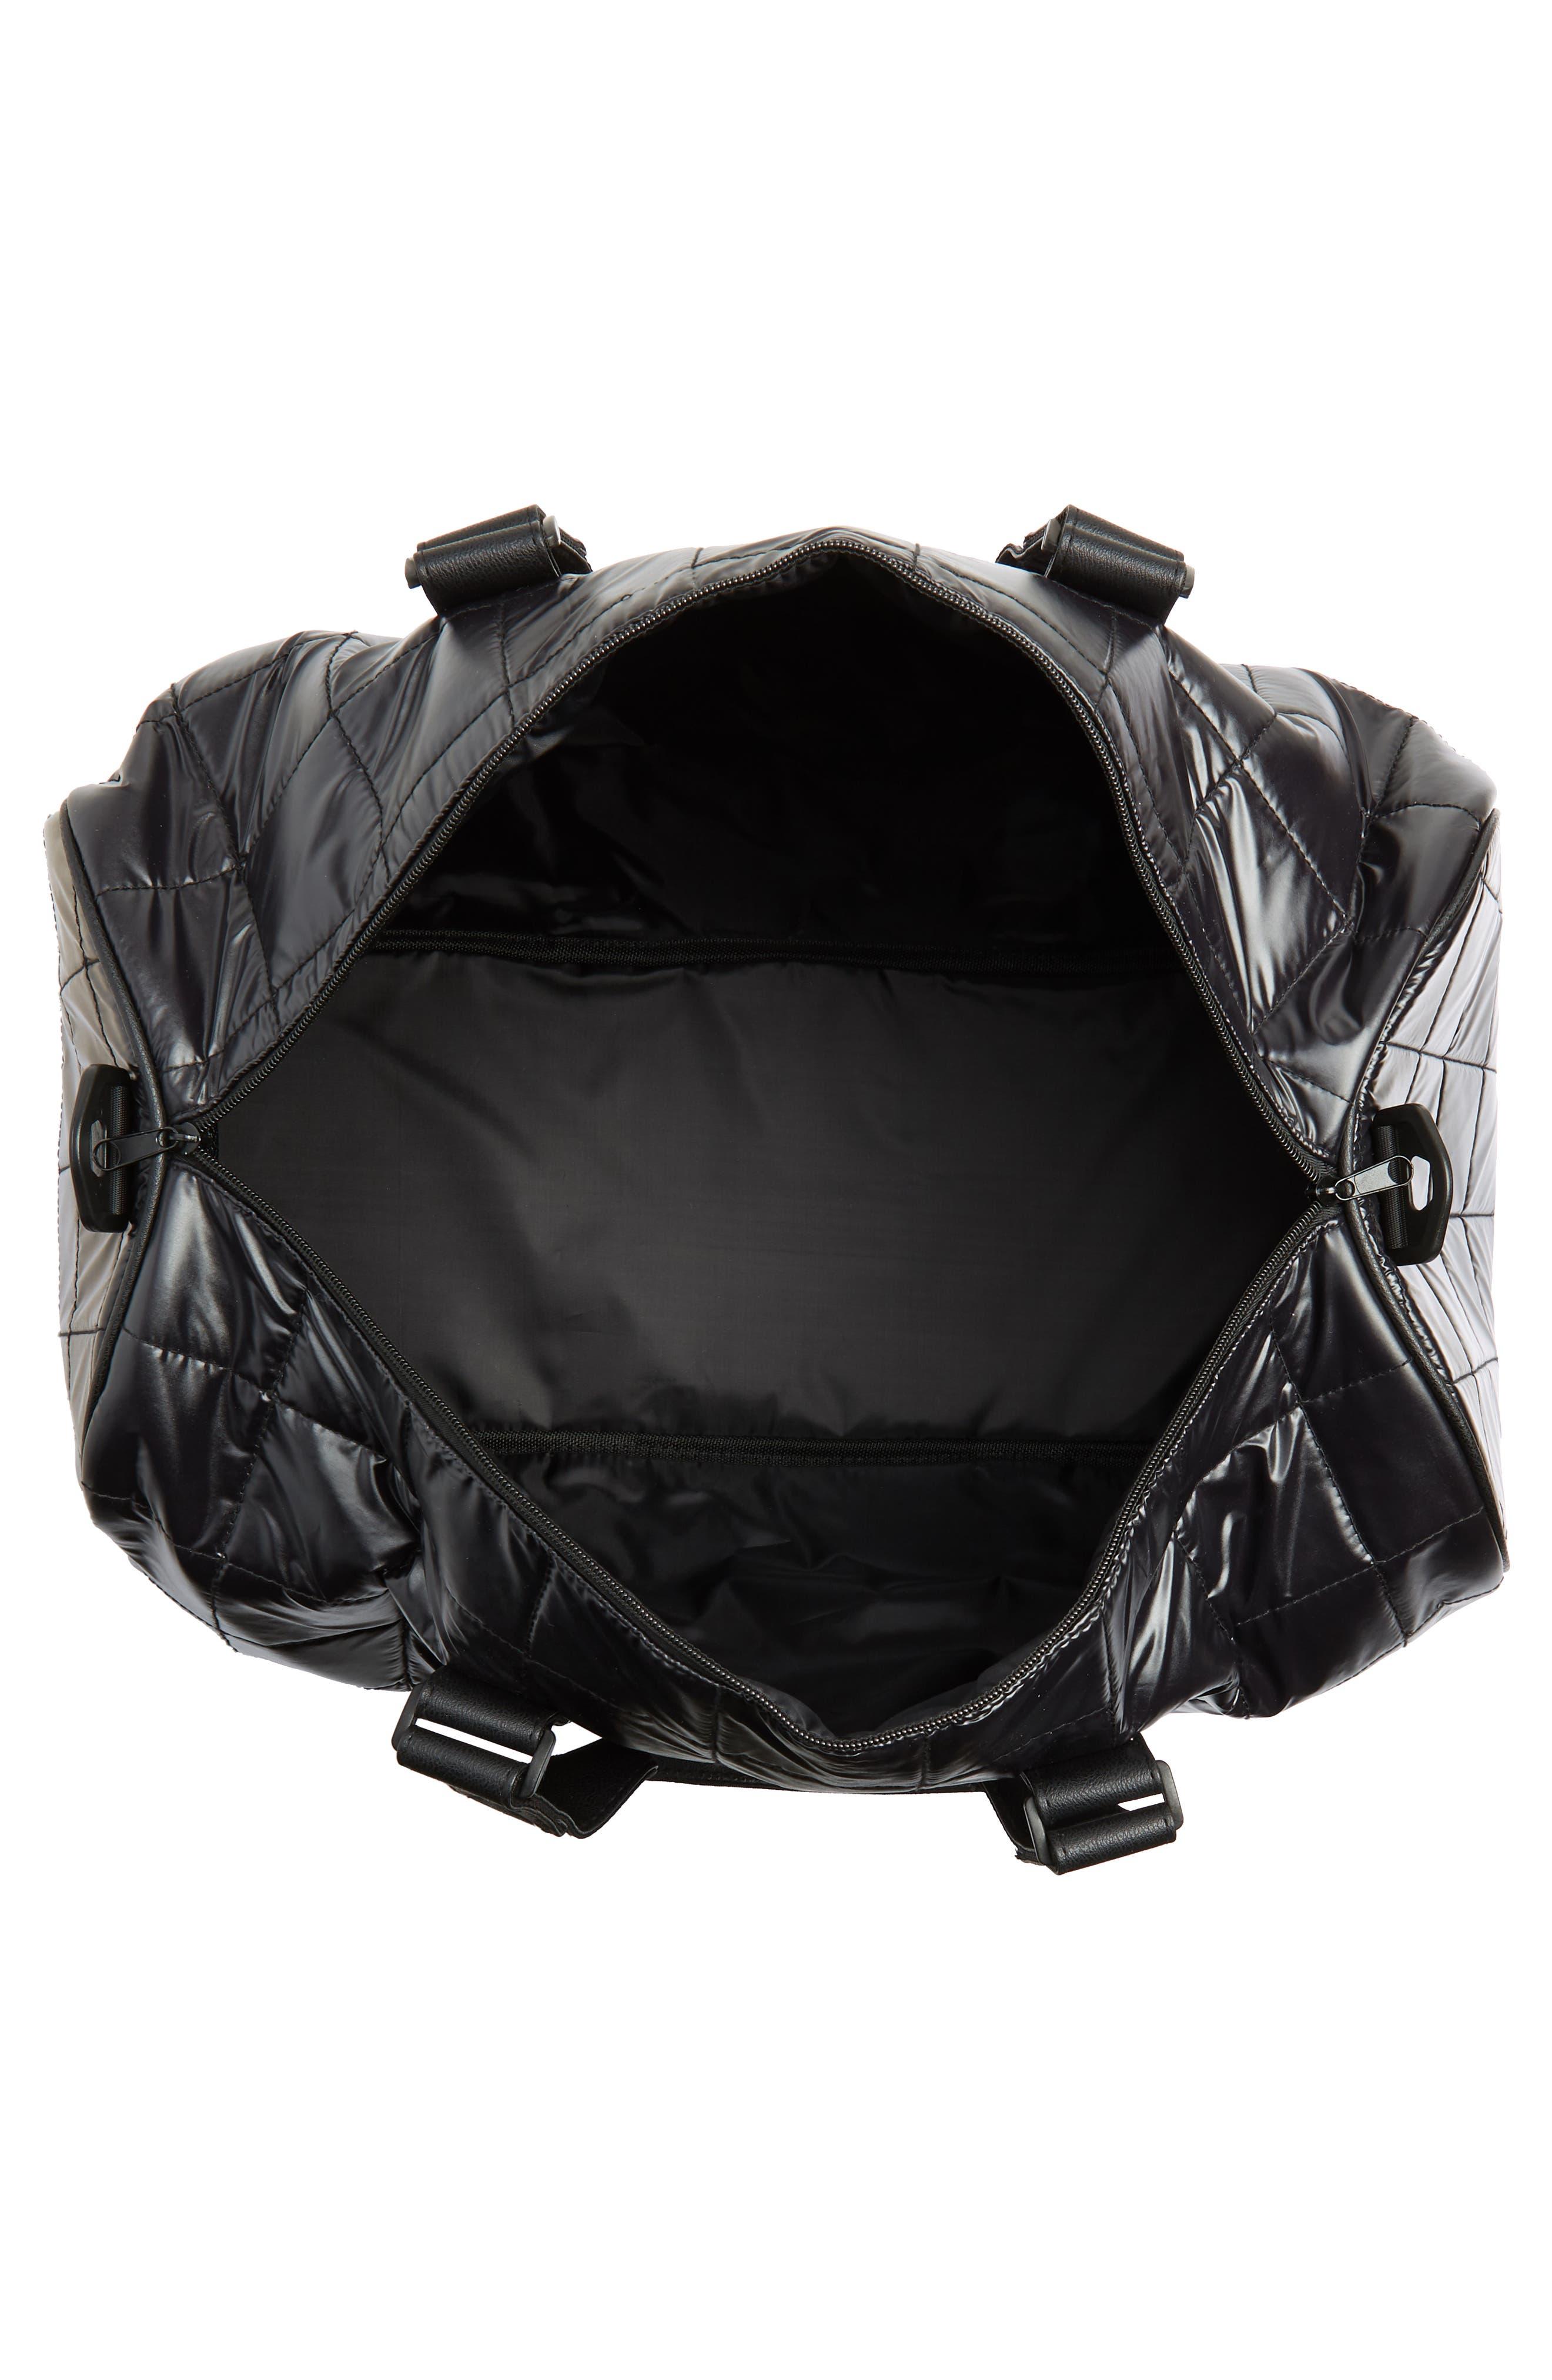 Puffer Duffel Bag,                             Alternate thumbnail 4, color,                             Black